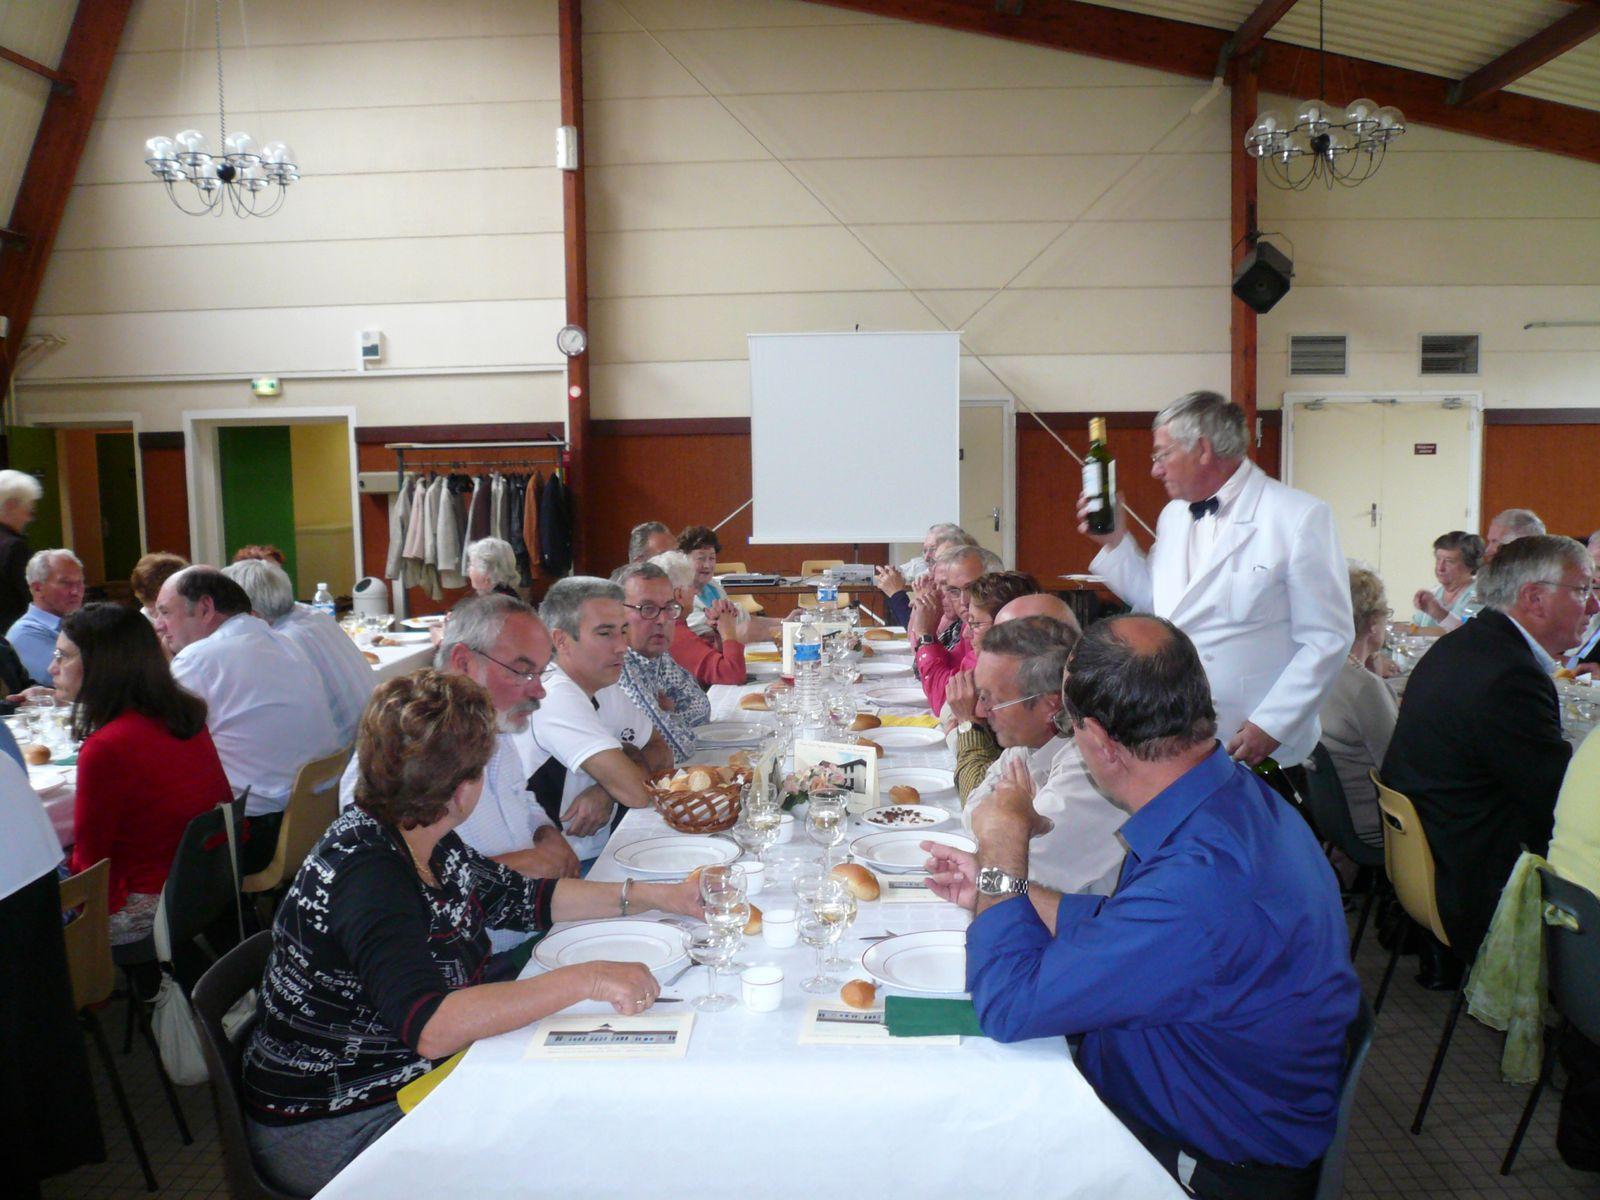 Album - centre Progobain, réunion des anciens élèves en 2006 à Thourotte (Oise)